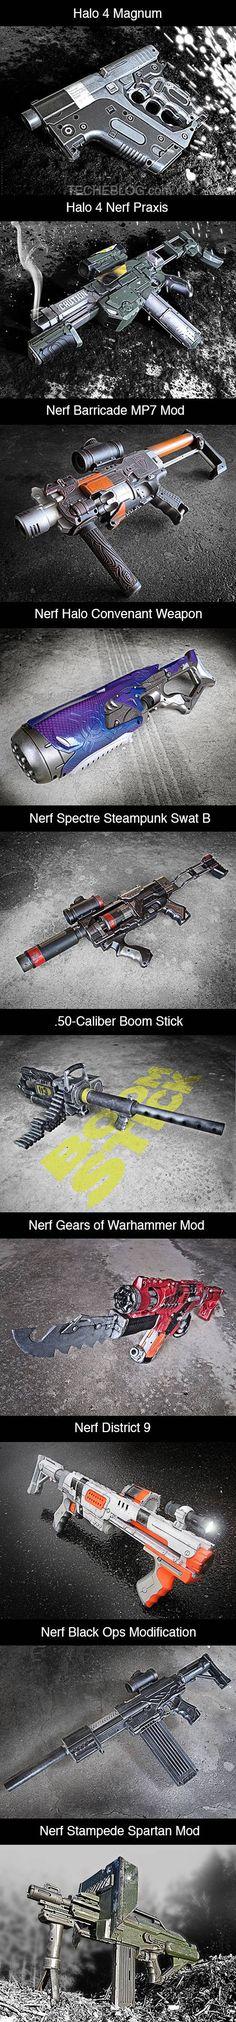 Ten of the coolest custom Nerf guns ever.